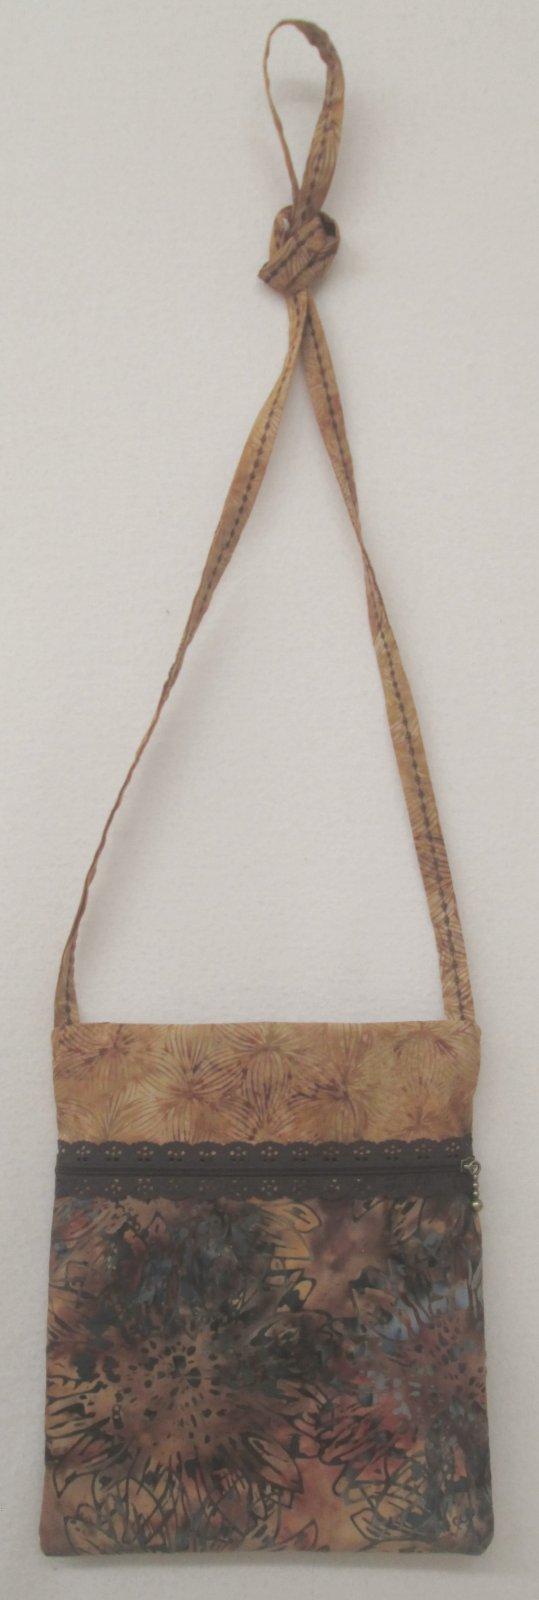 Hoffman Batik Runaround Bag 7x9 by Lazy Girl Designs